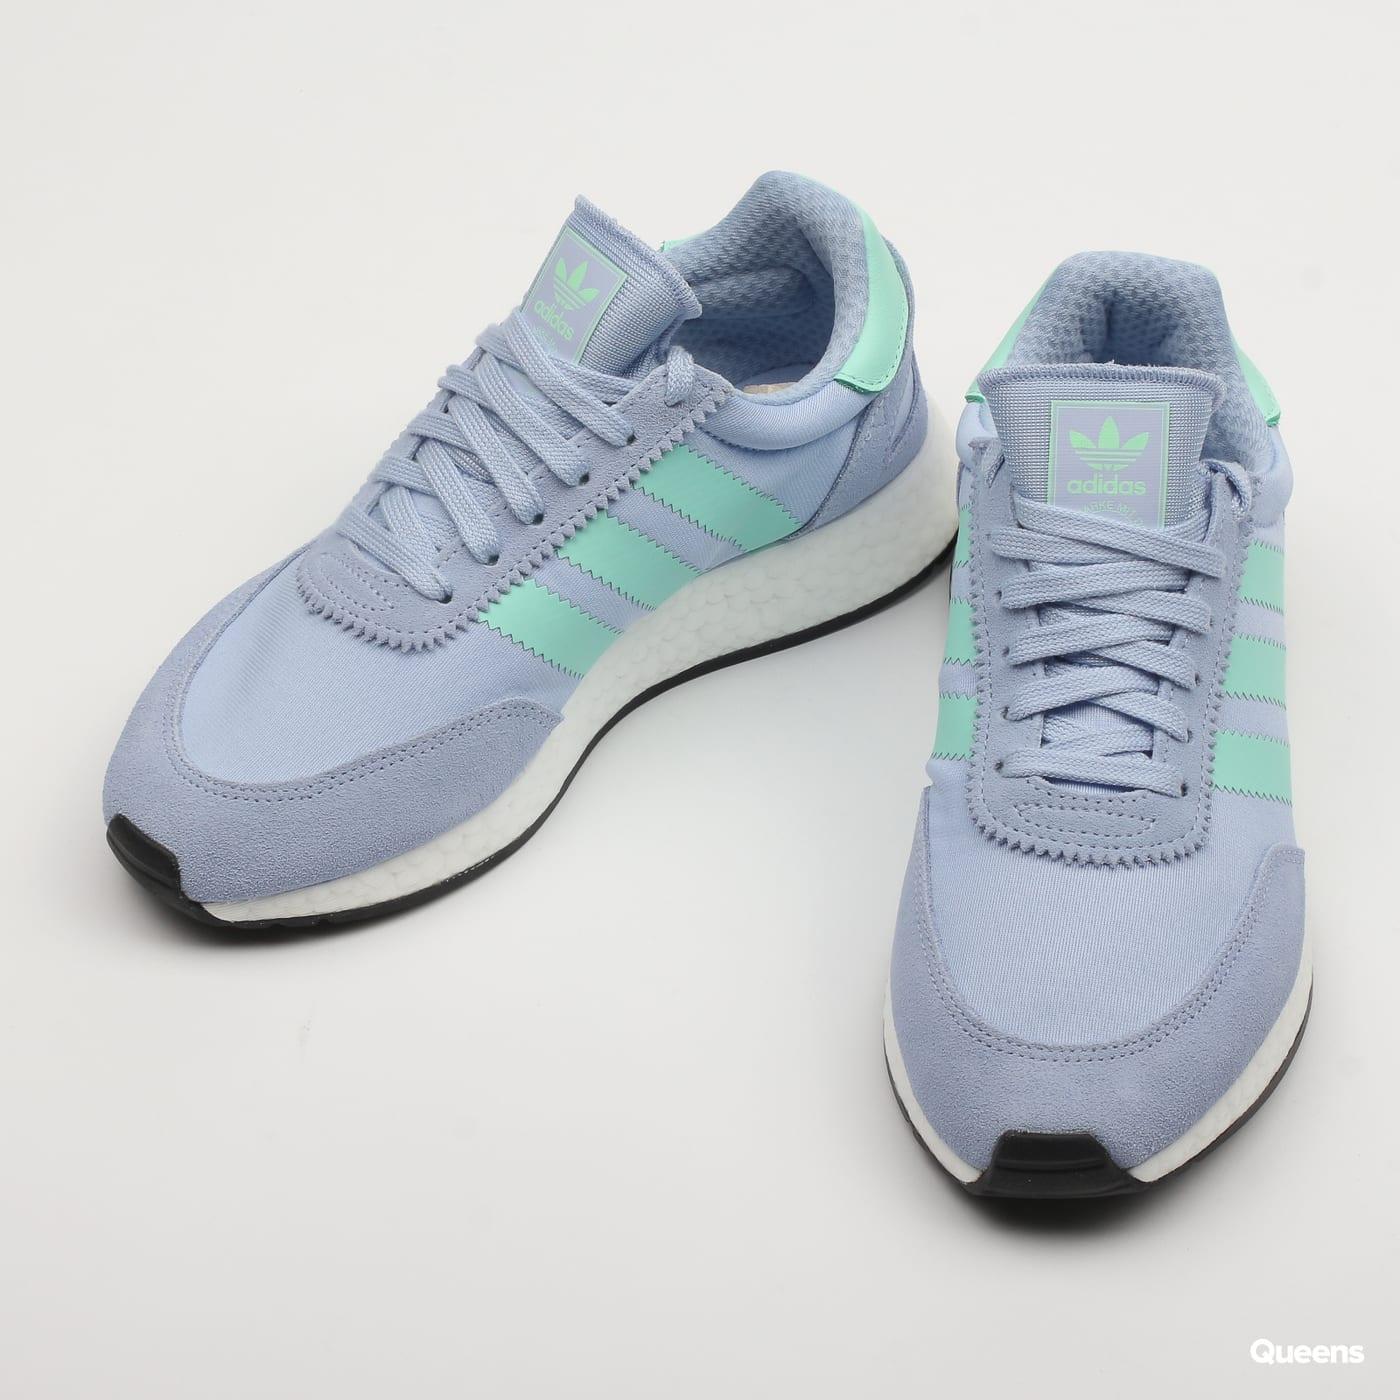 adidas Originals I-5923 W periwinkle / clemint / cblack